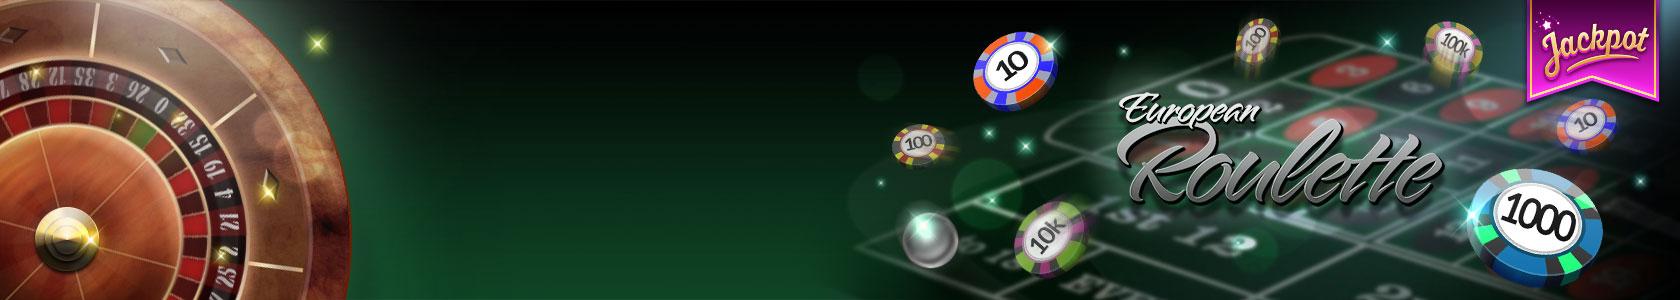 Roulette Jetzt Spielen